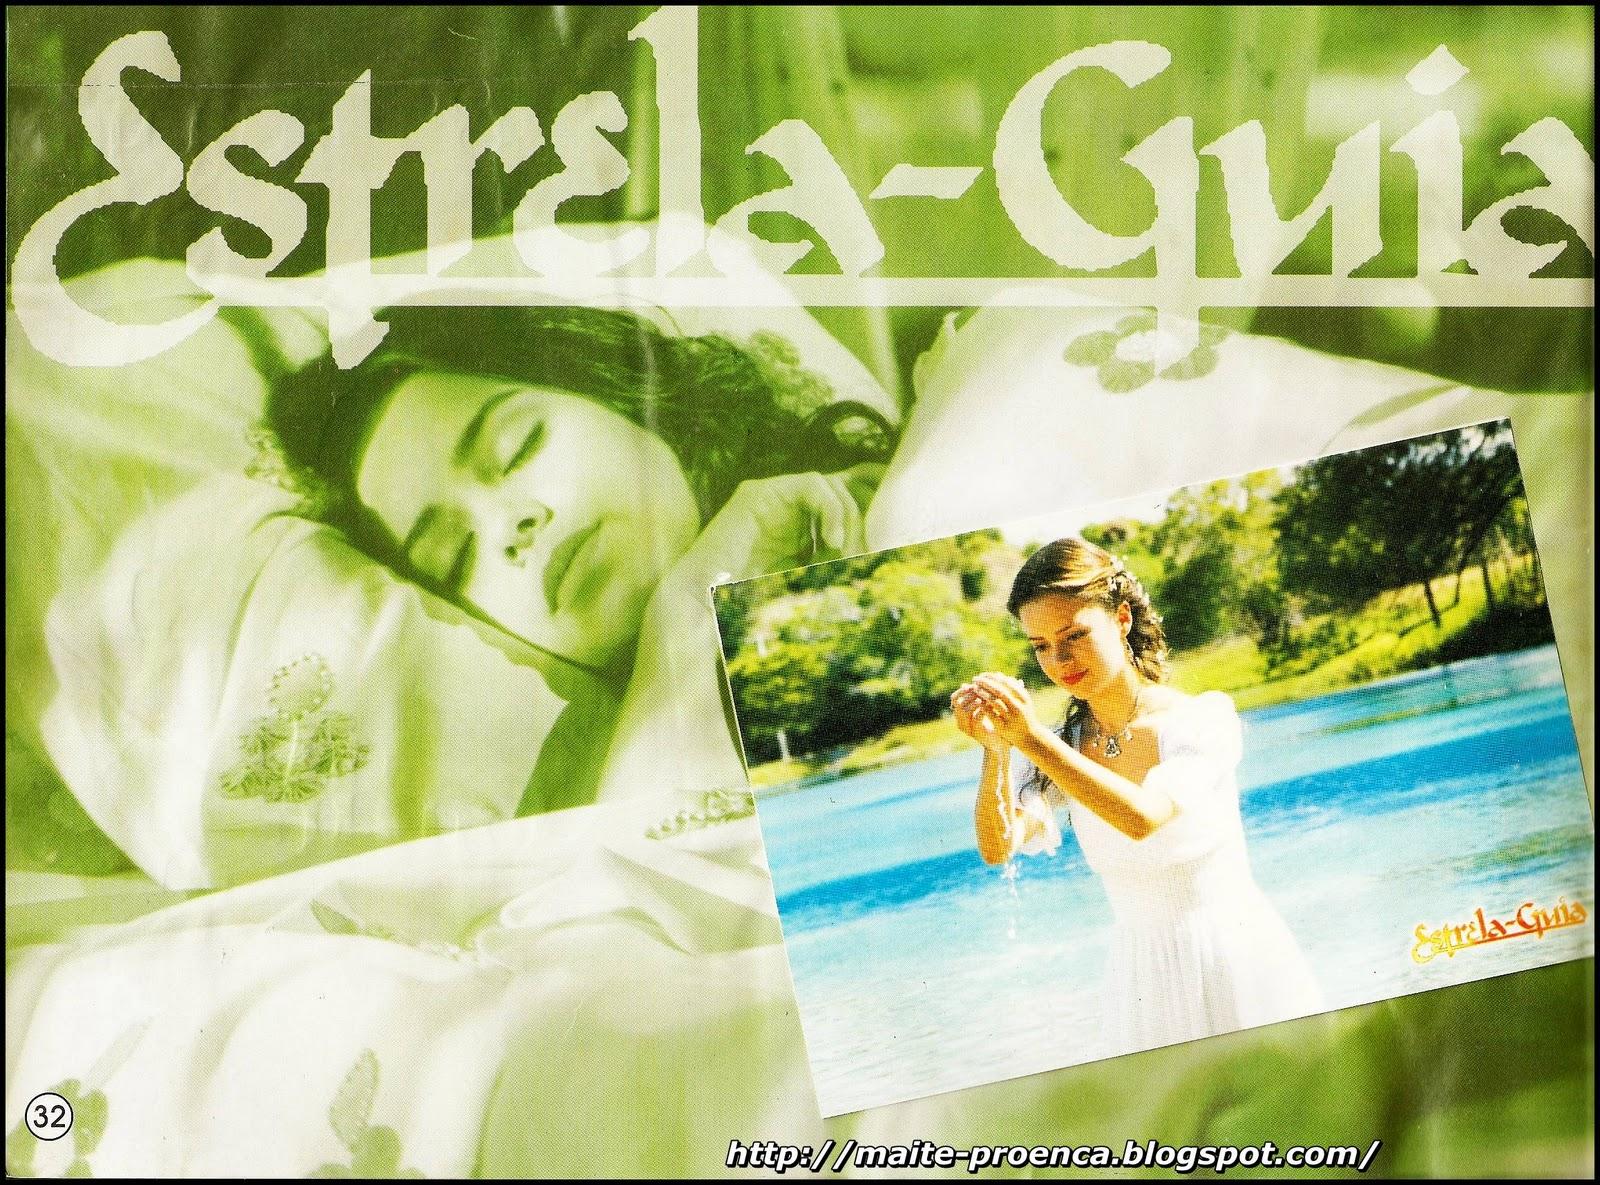 691+2001+Estrela+Guia+Album+(31).jpg